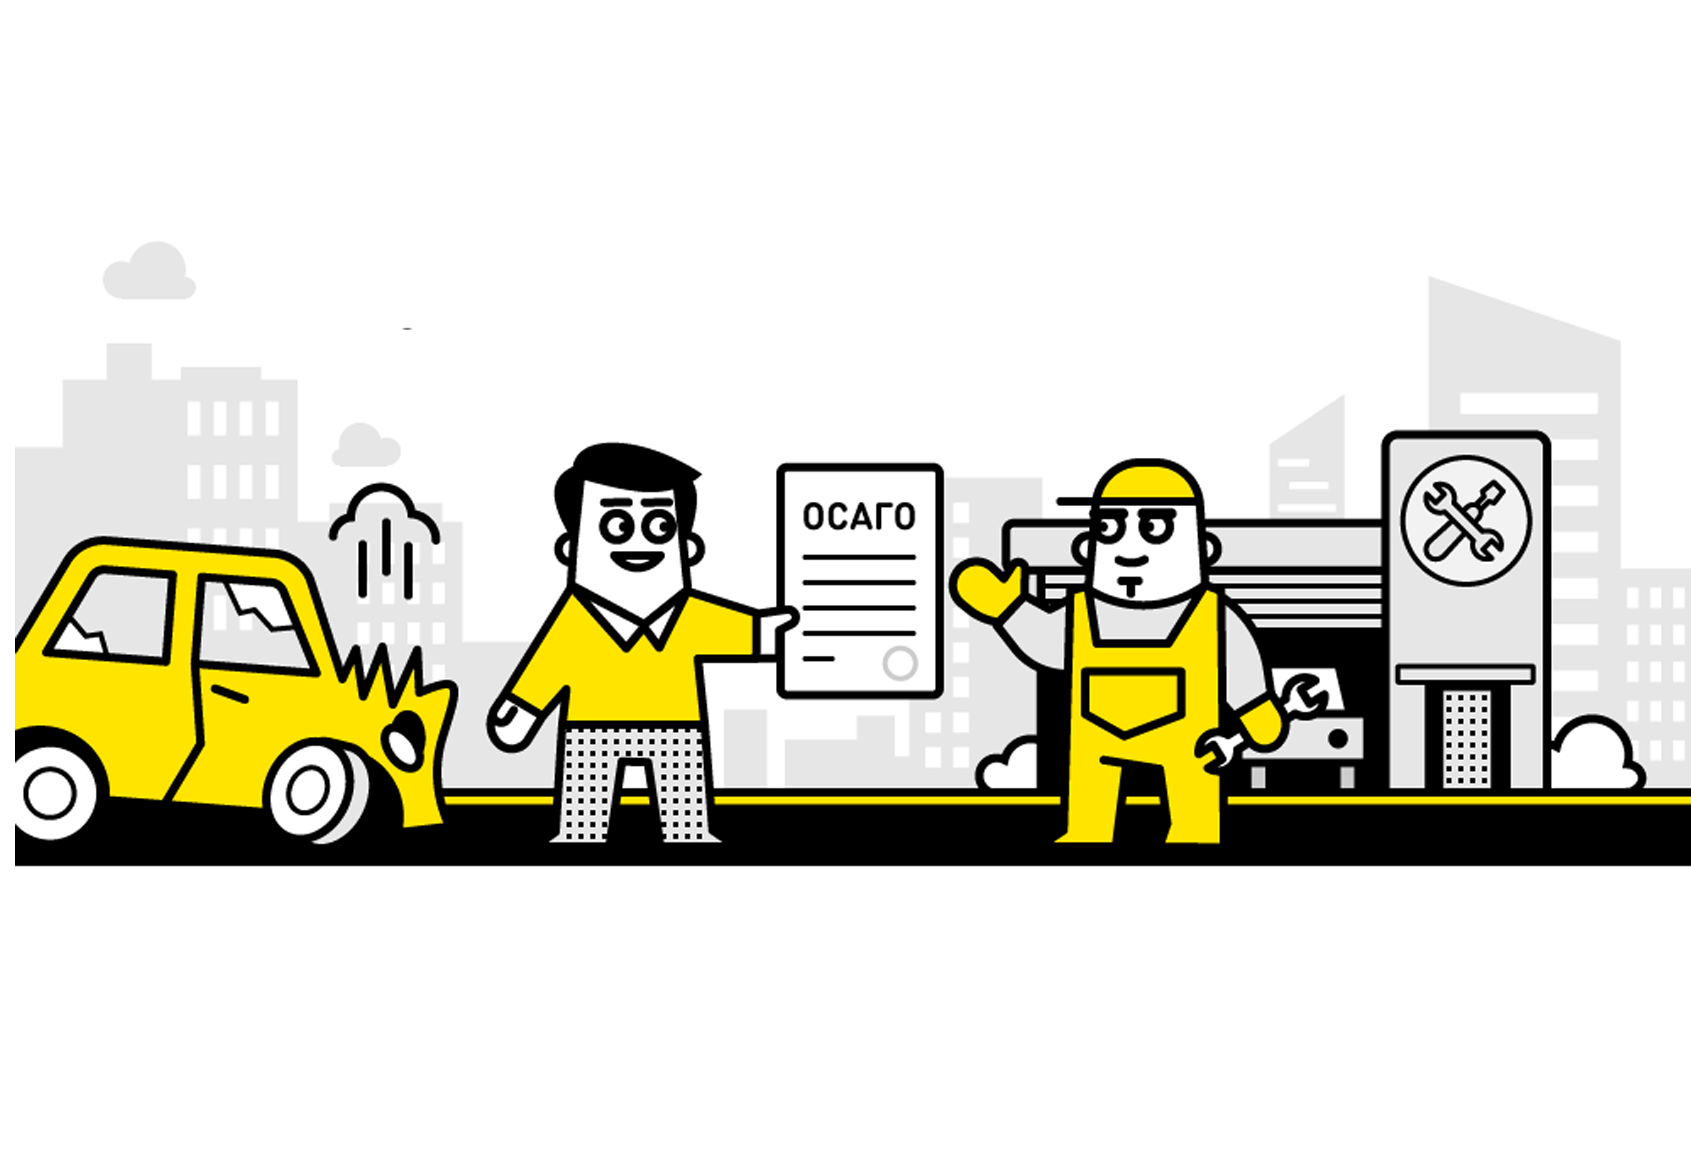 Ремонт по ОСАГО 2018: как получить деньги вместо ремонта по направлению страховой